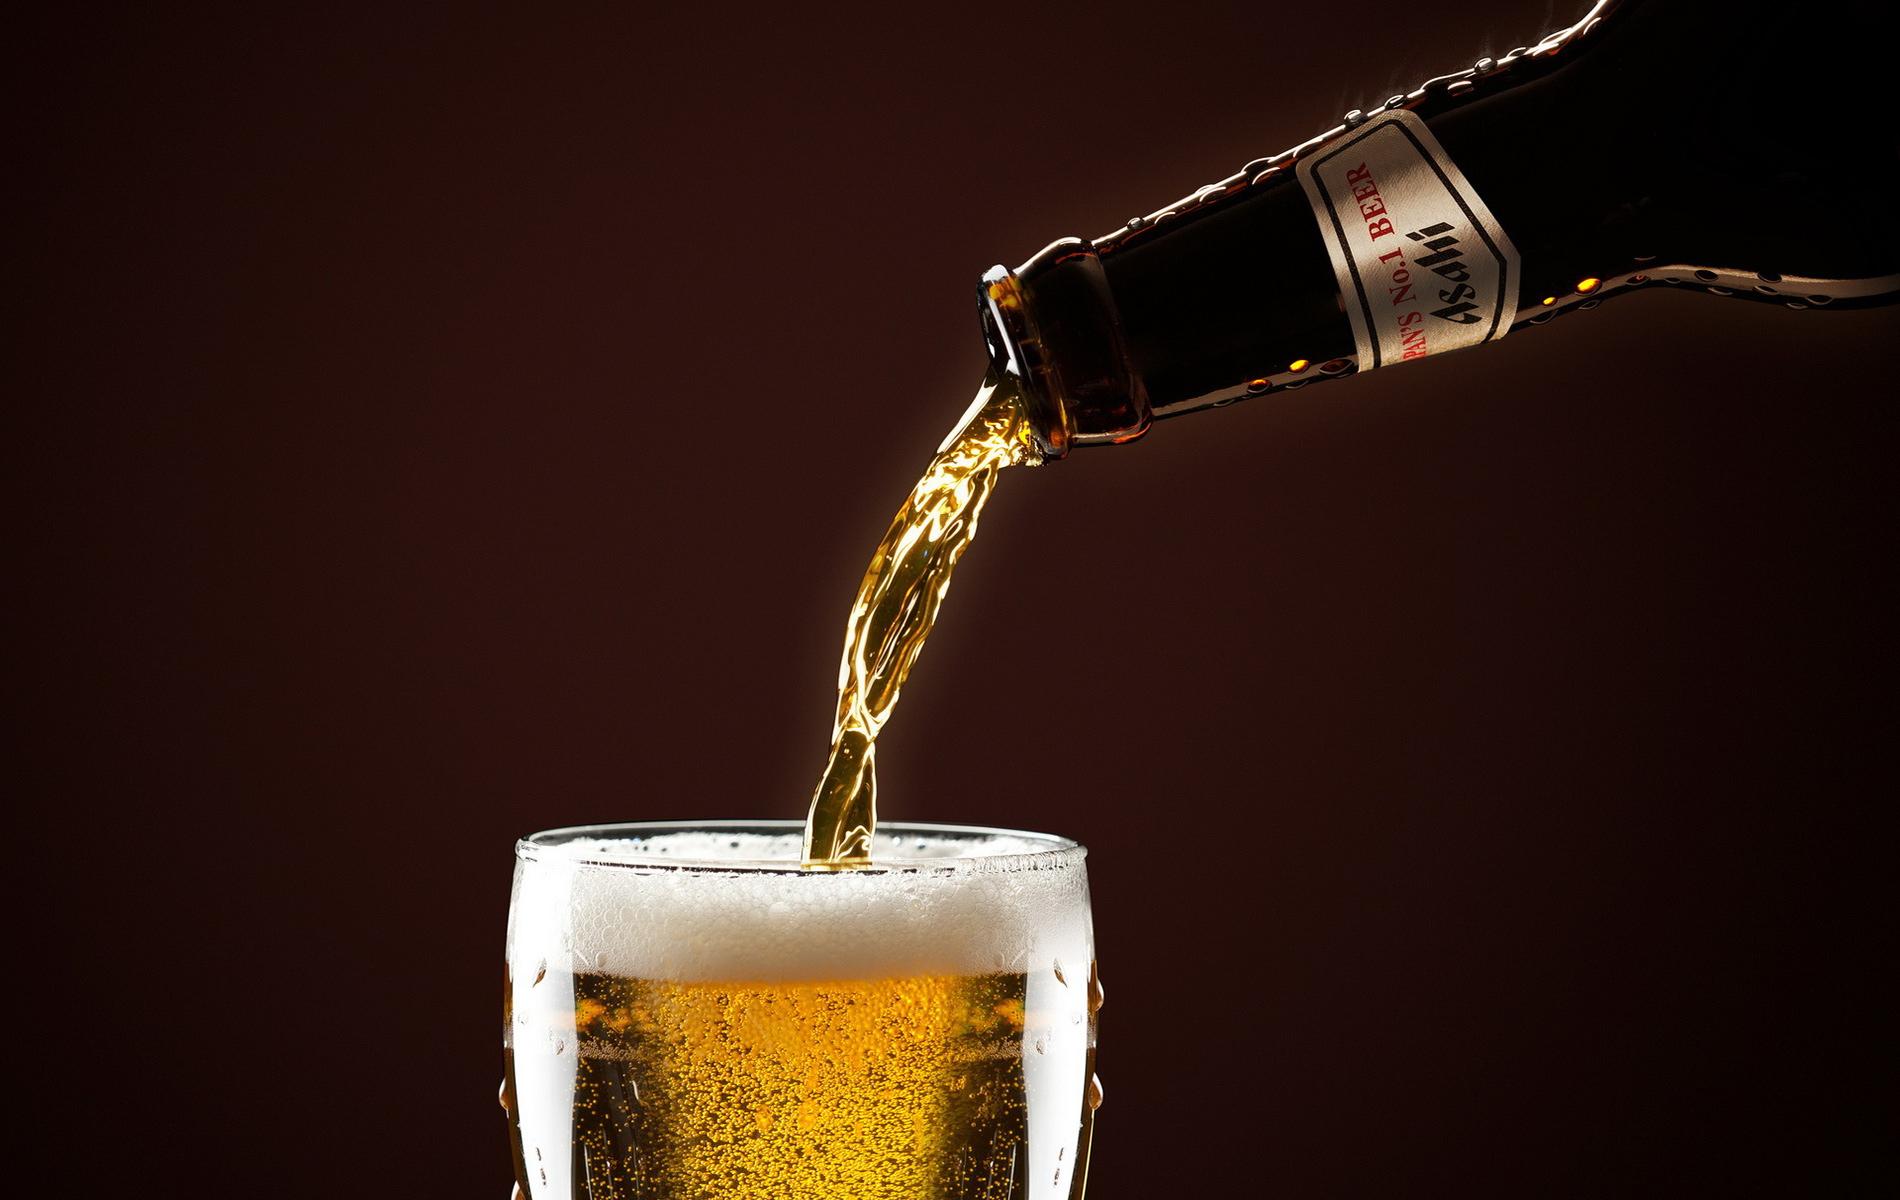 пиво фото в хорошем качестве